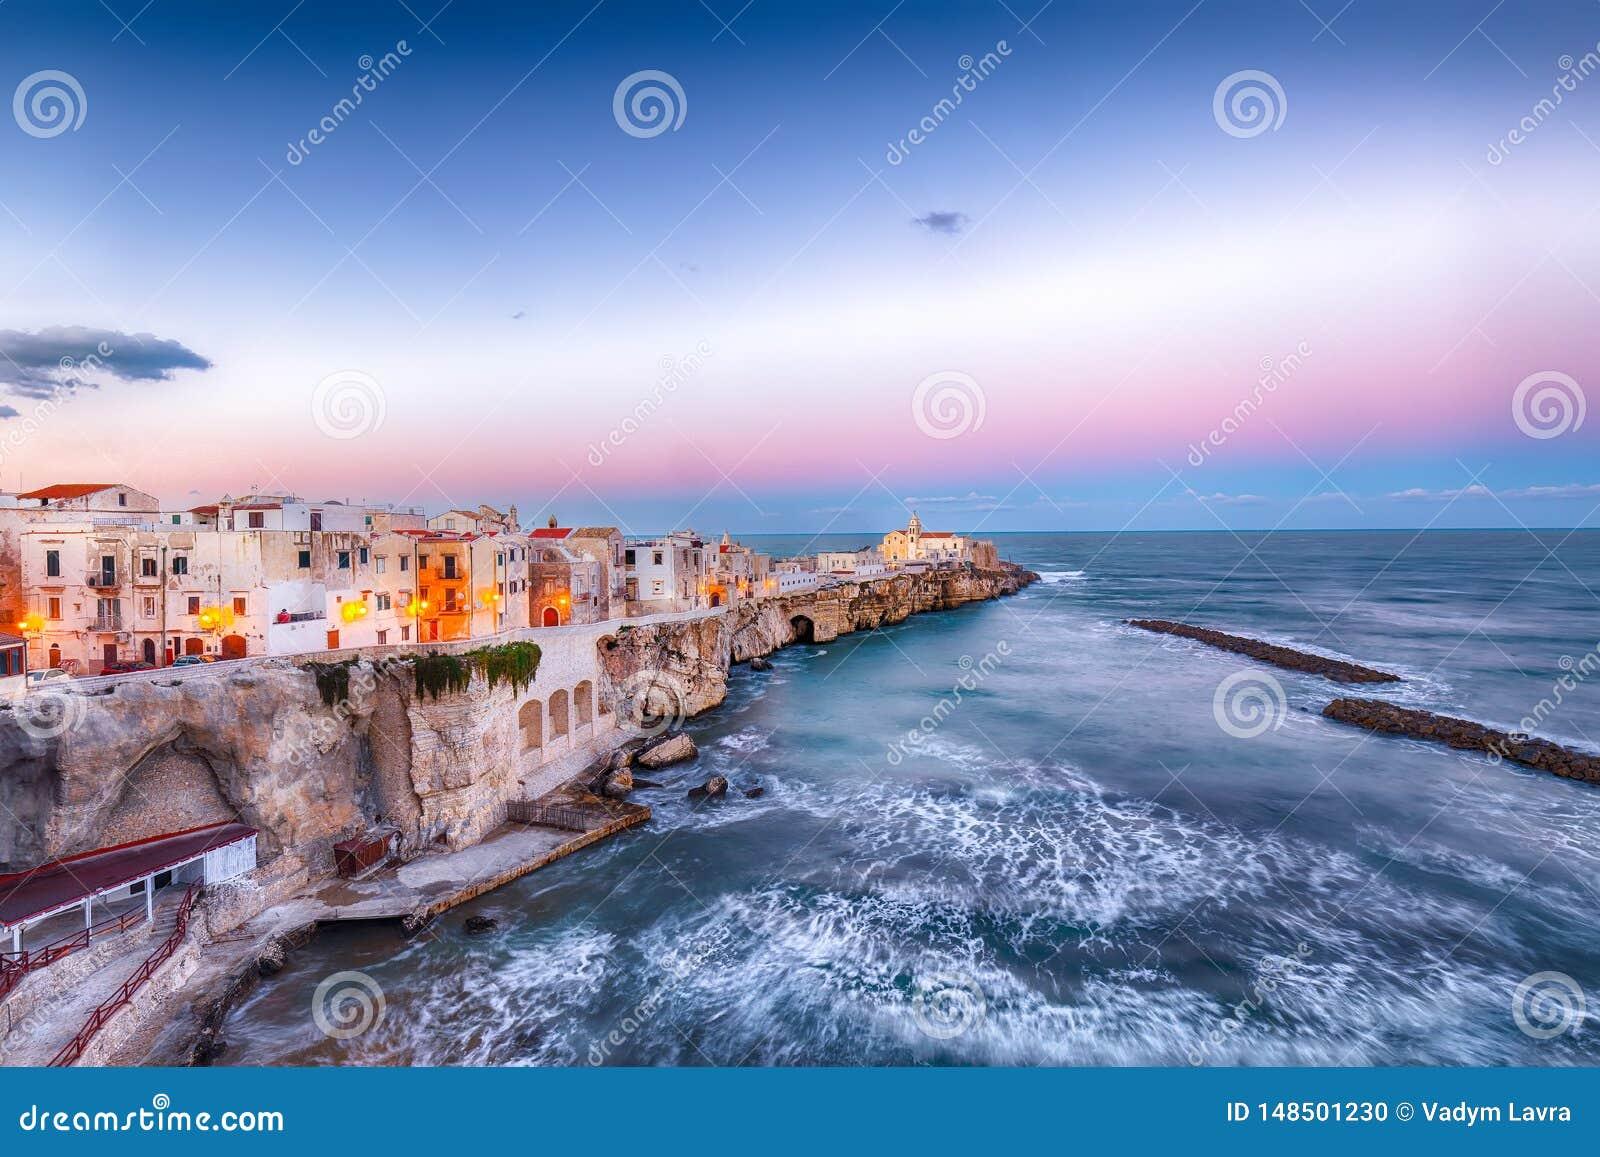 Vieste - bella città costiera sulle rocce in Puglia